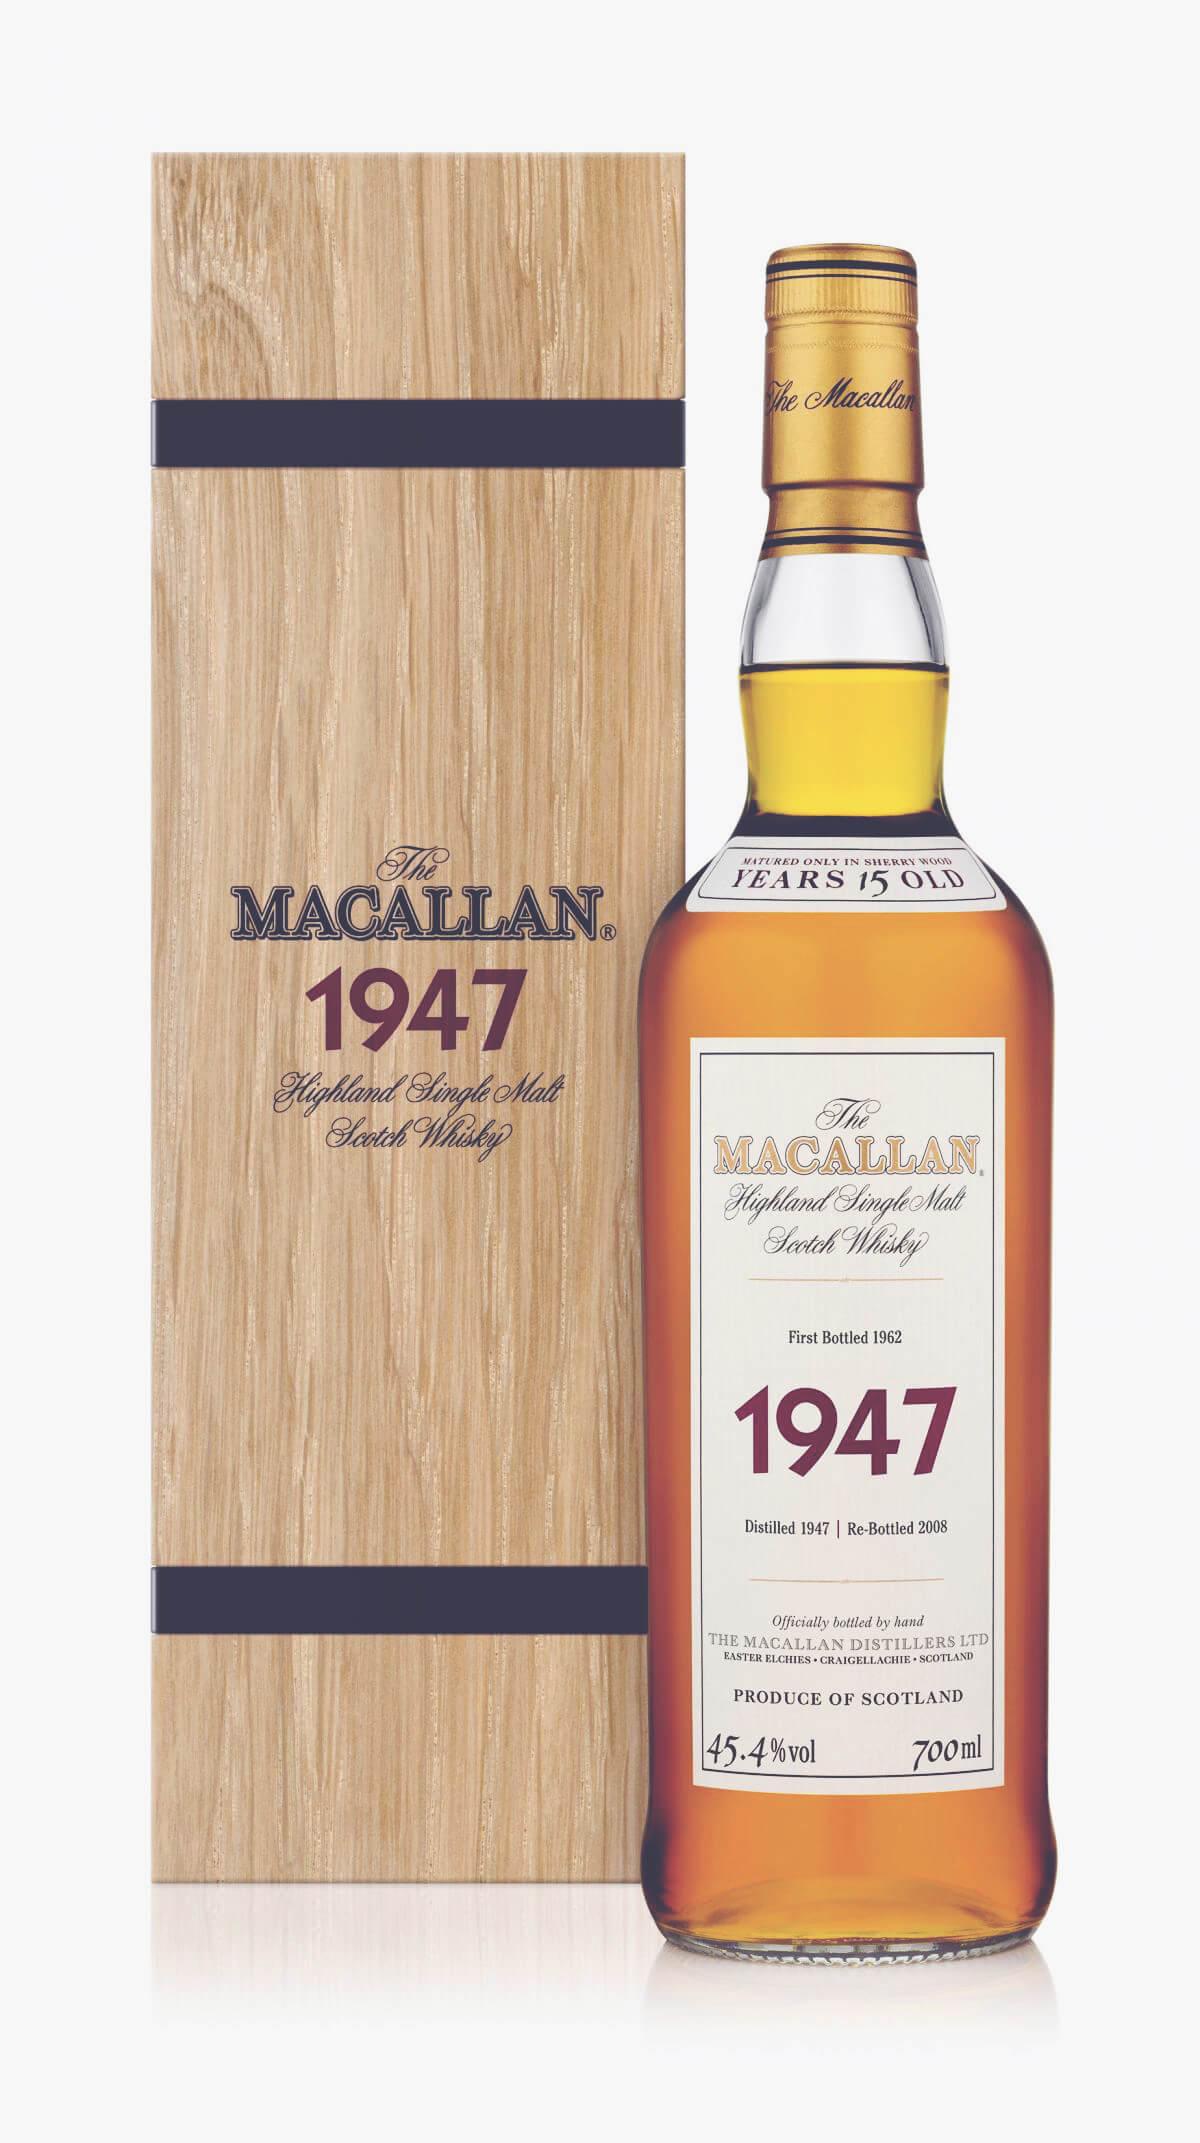 Matt Desert Island Wines - 1947 Macallan